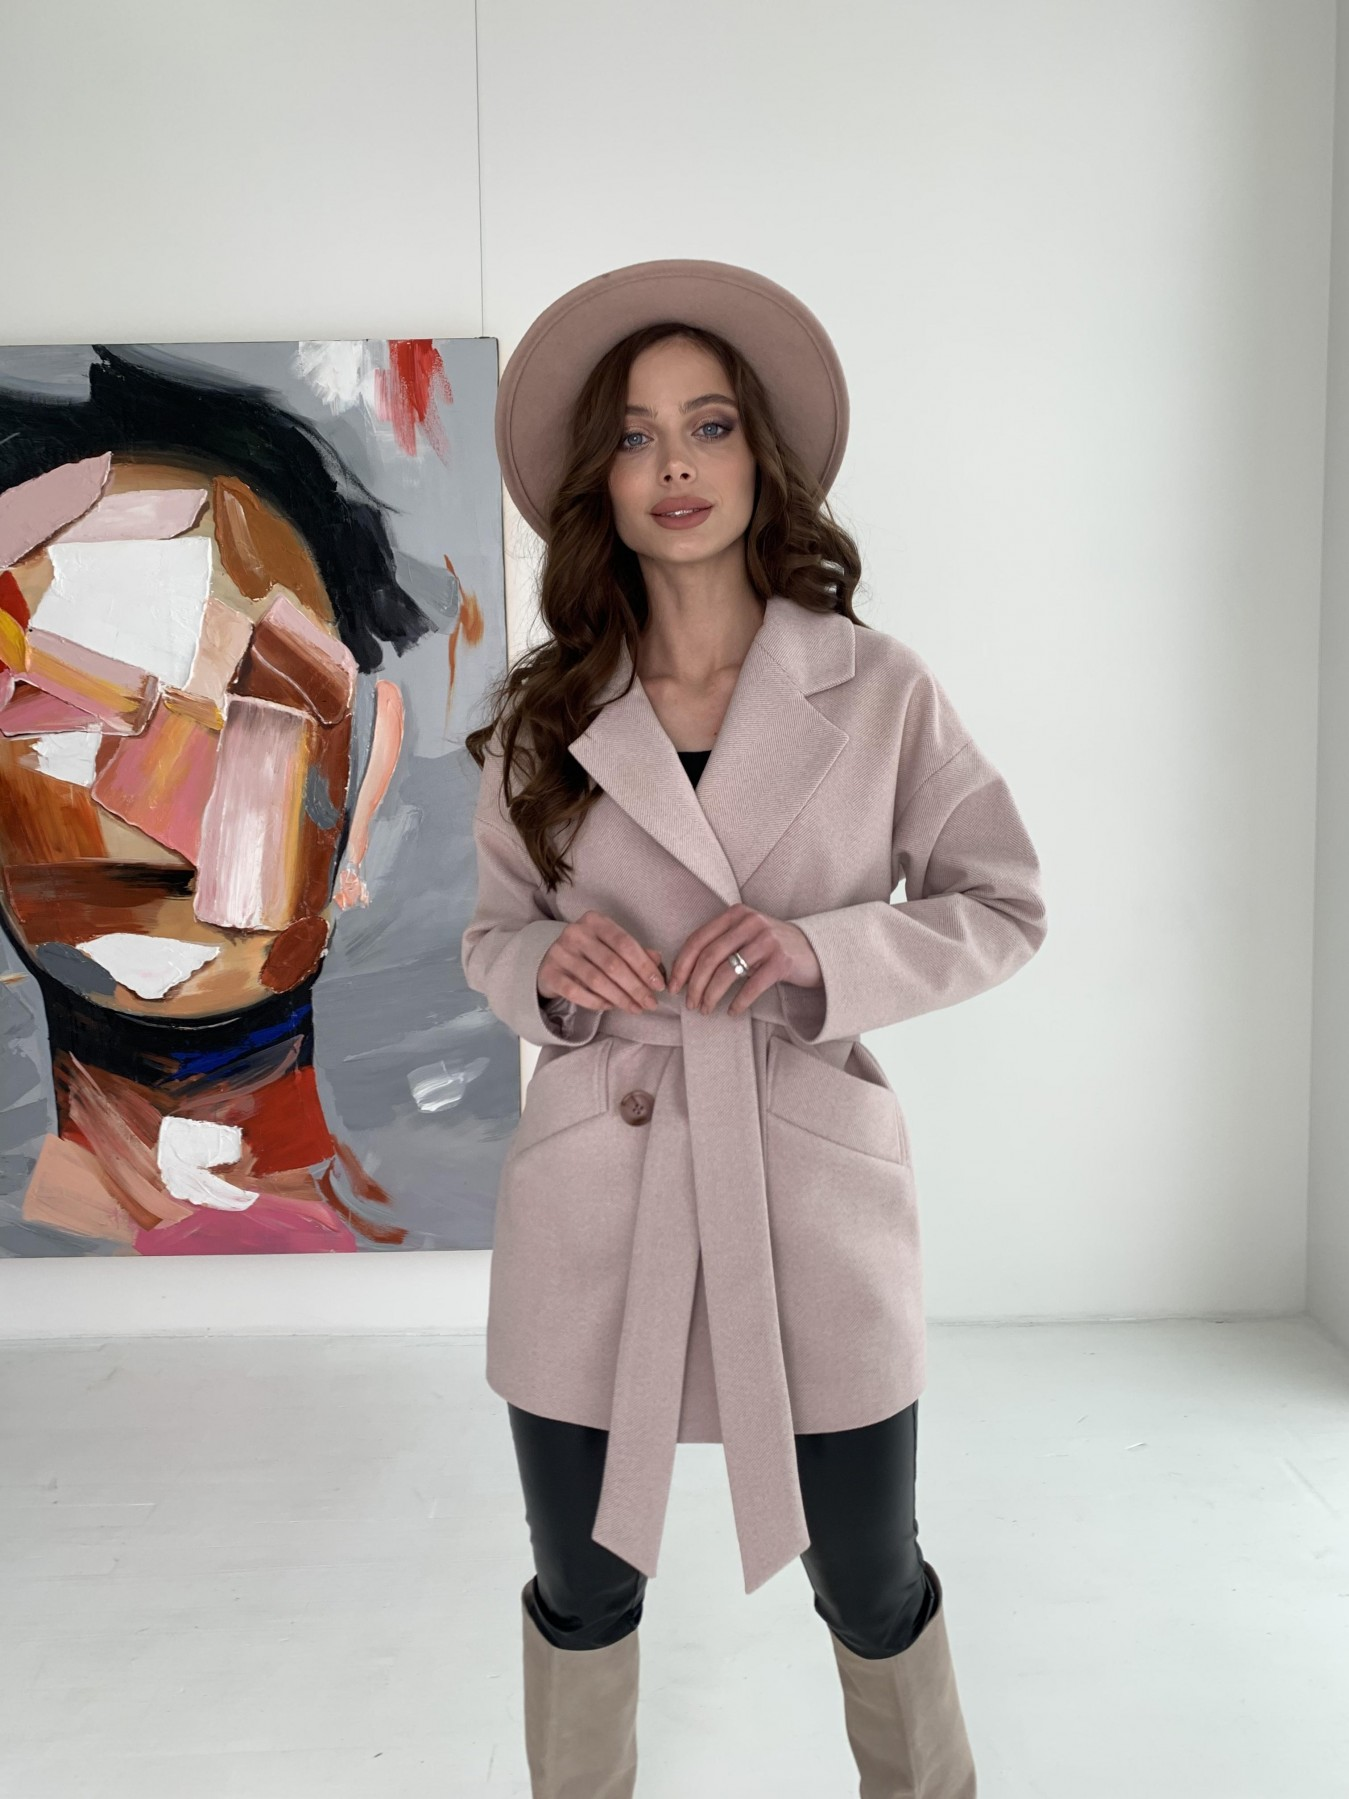 Бонд пальто из пальтовой ткани в мелкую елочку 10640 АРТ. 47007 Цвет: Пудра - фото 5, интернет магазин tm-modus.ru